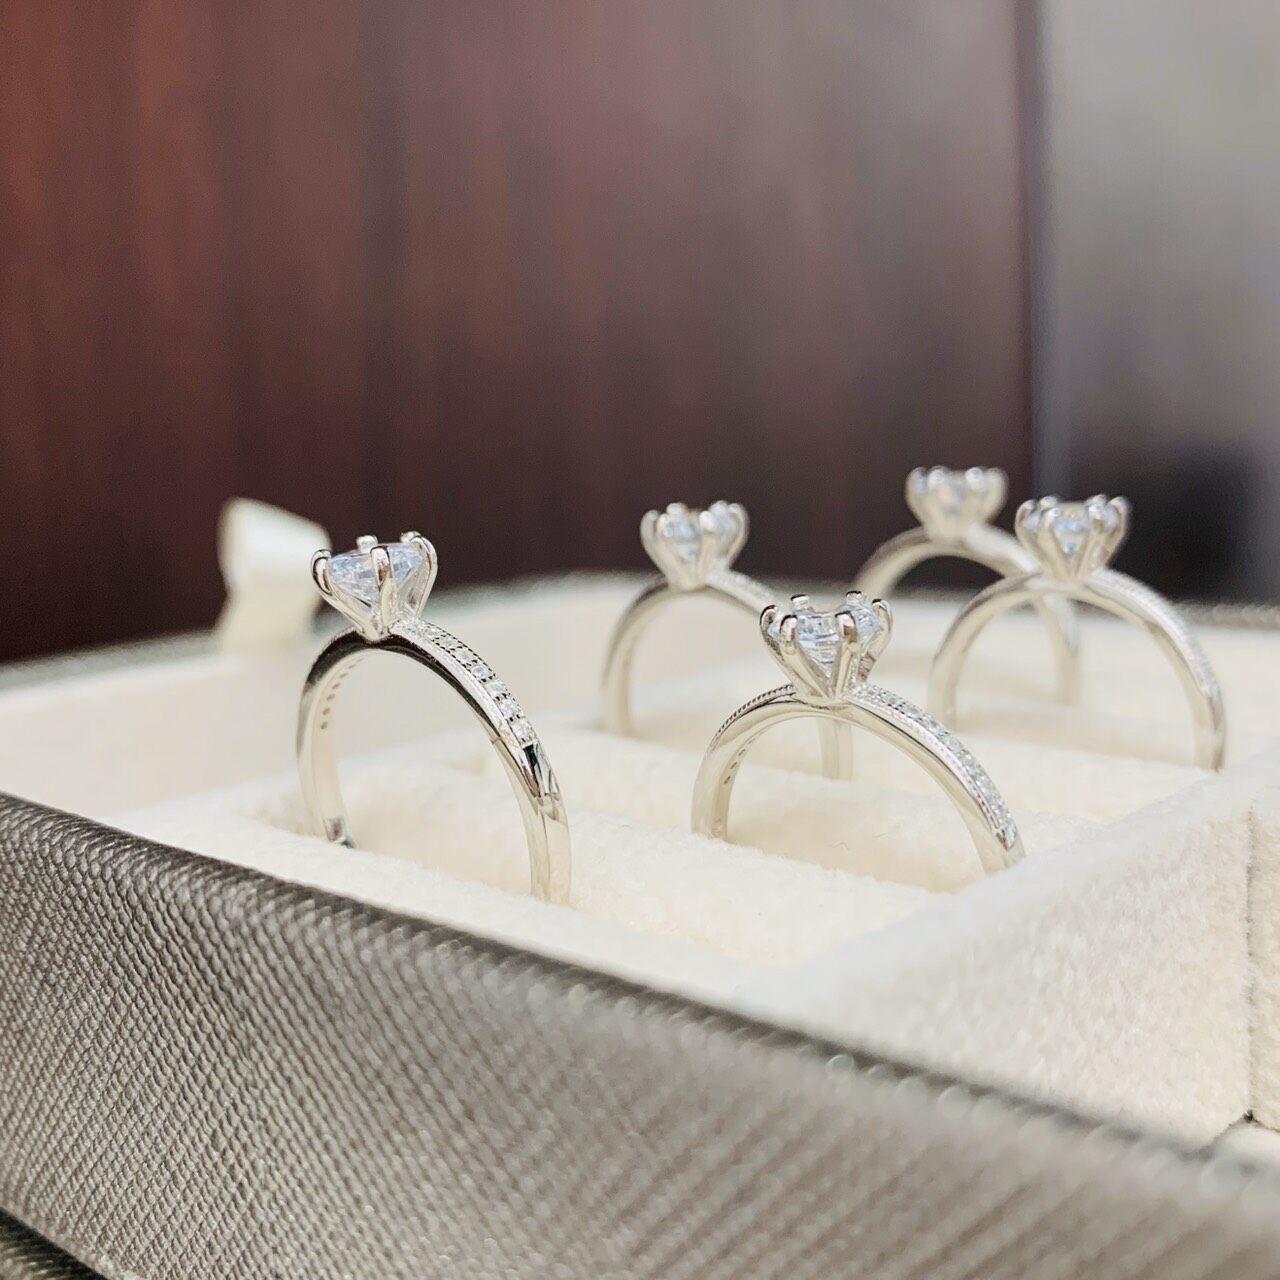 รีวิว Zign Jewelry แหวนเพชร แหวนเงินแท้ 925รุ่นRS0011เคลือบทองคำขาวแท้ของแท้100%มีบัตรรับประกัน